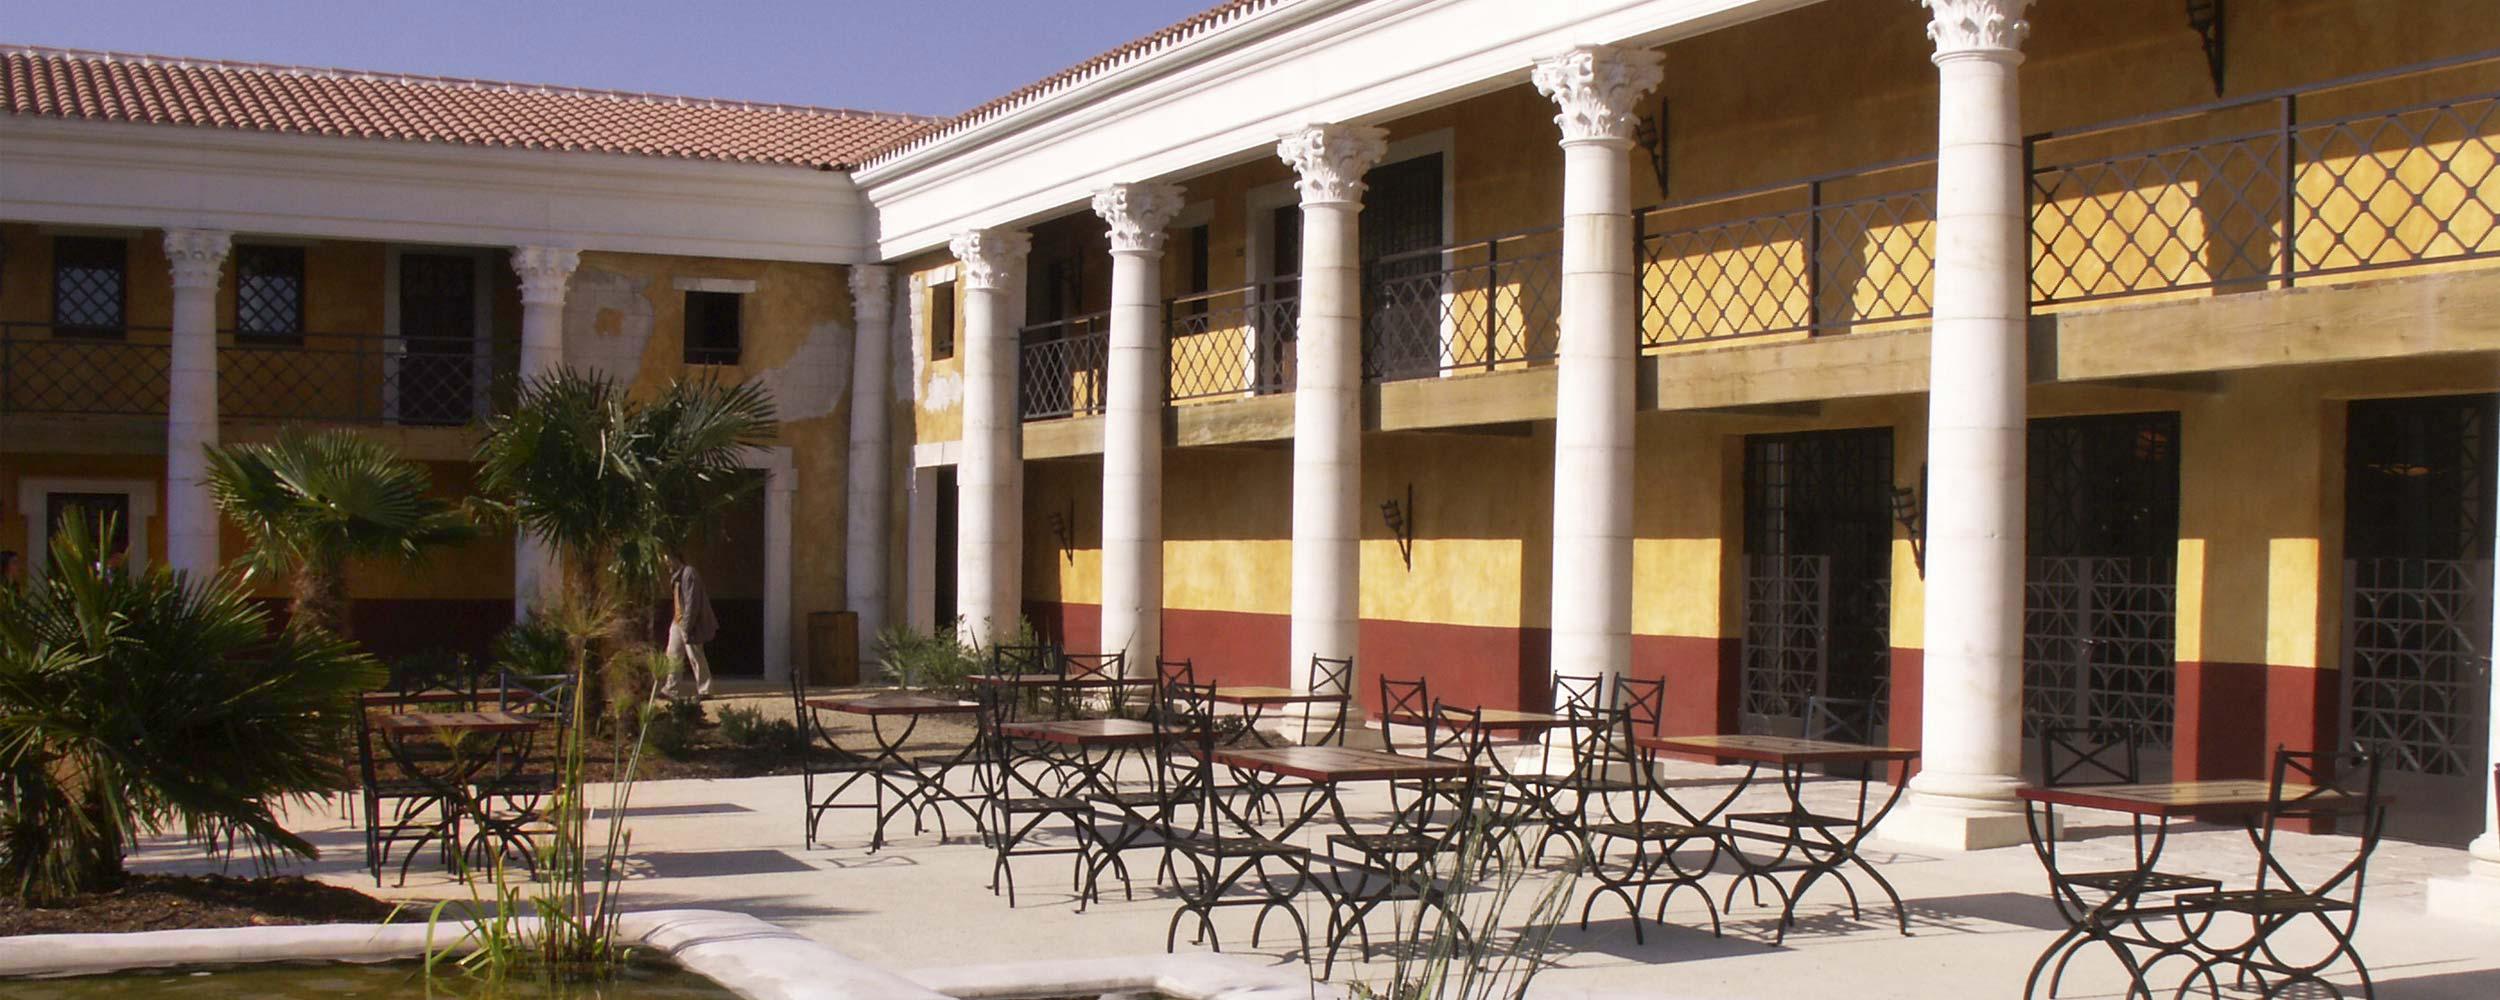 6 k puy du fou villa gallo tourisme b timents - Hotel villa gallo romaine ...